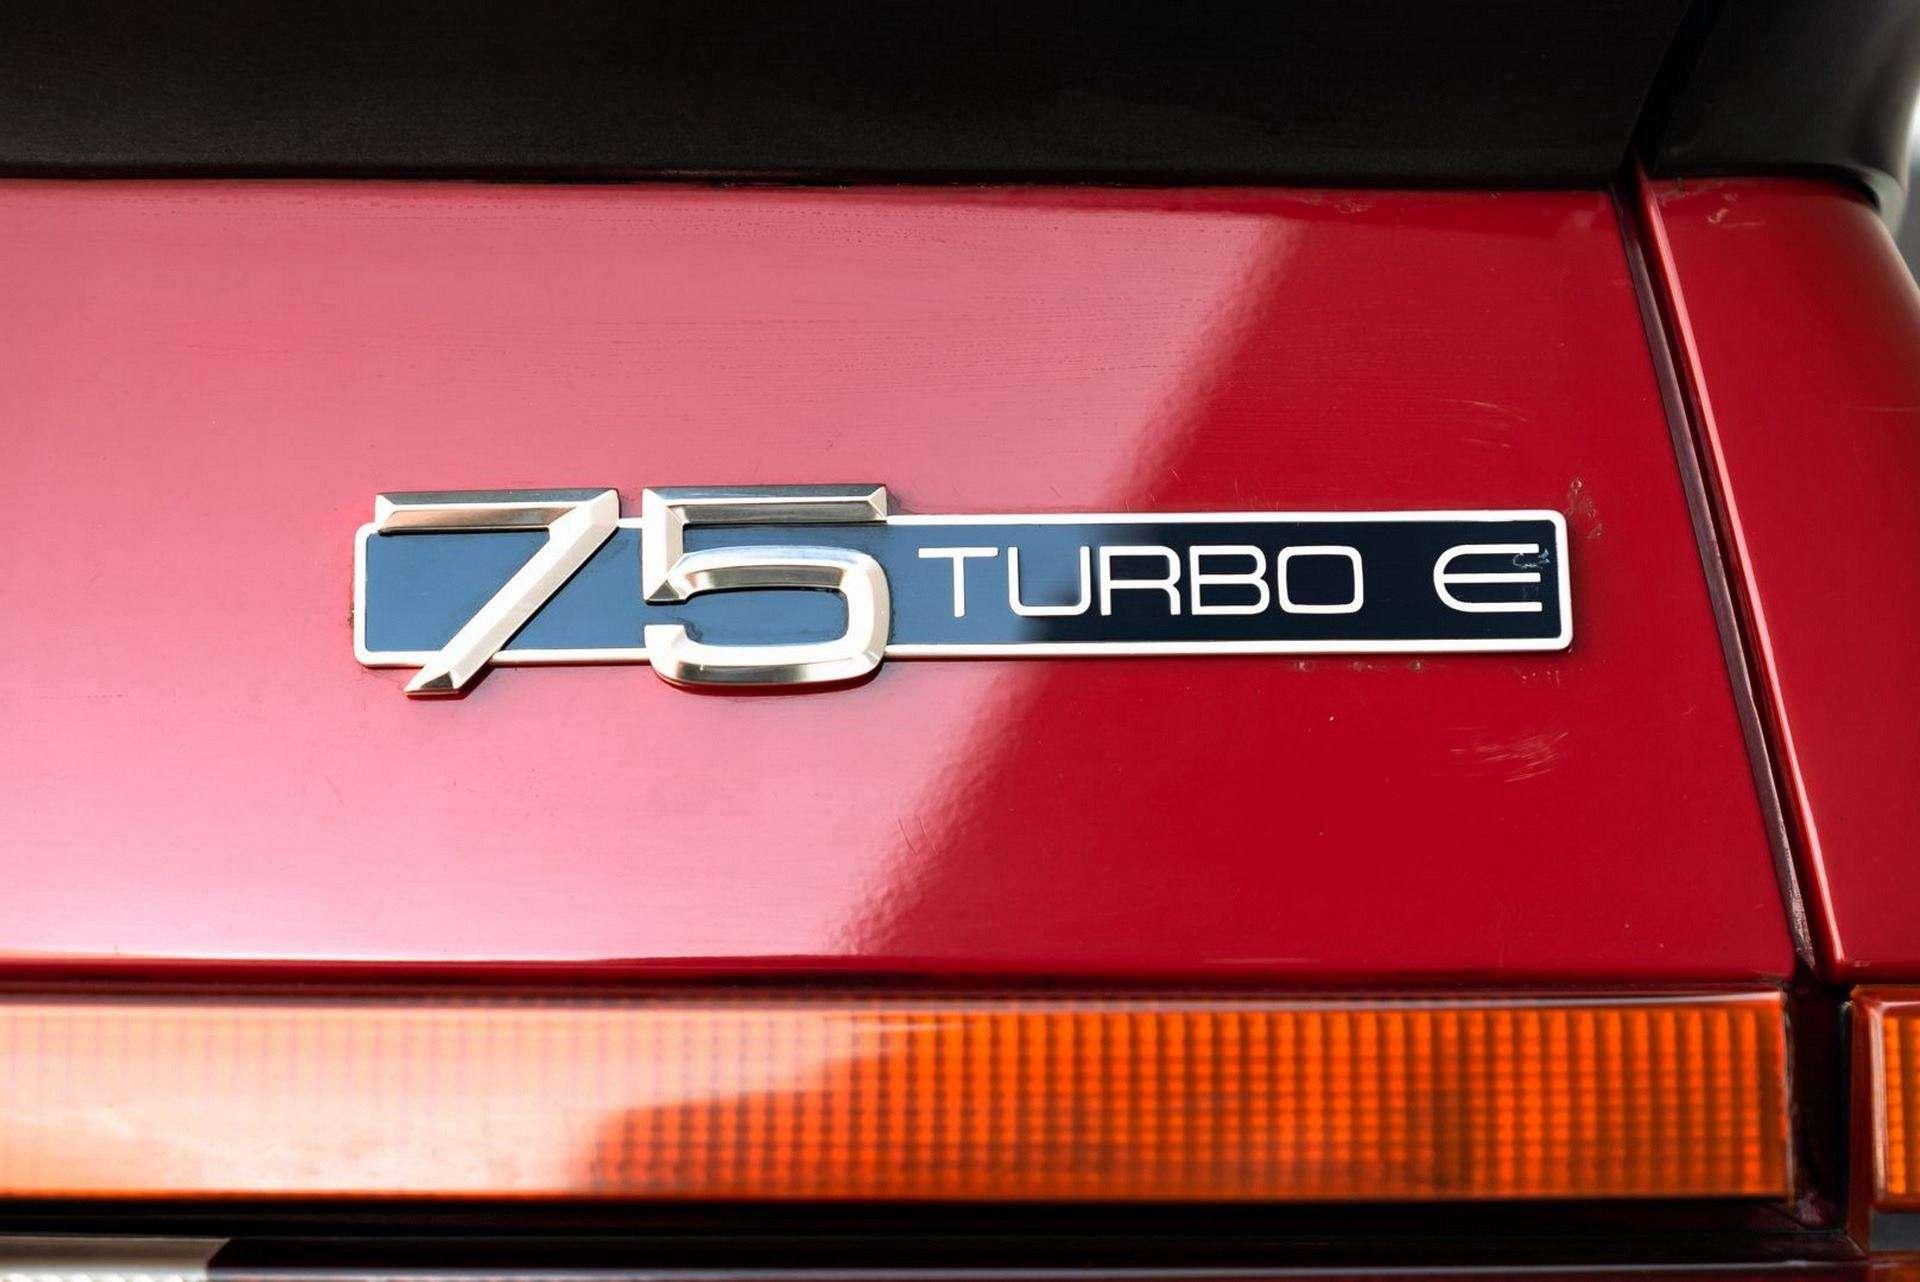 1987_Alfa_Romeo_75_Turbo_Evoluzione_sale-0015